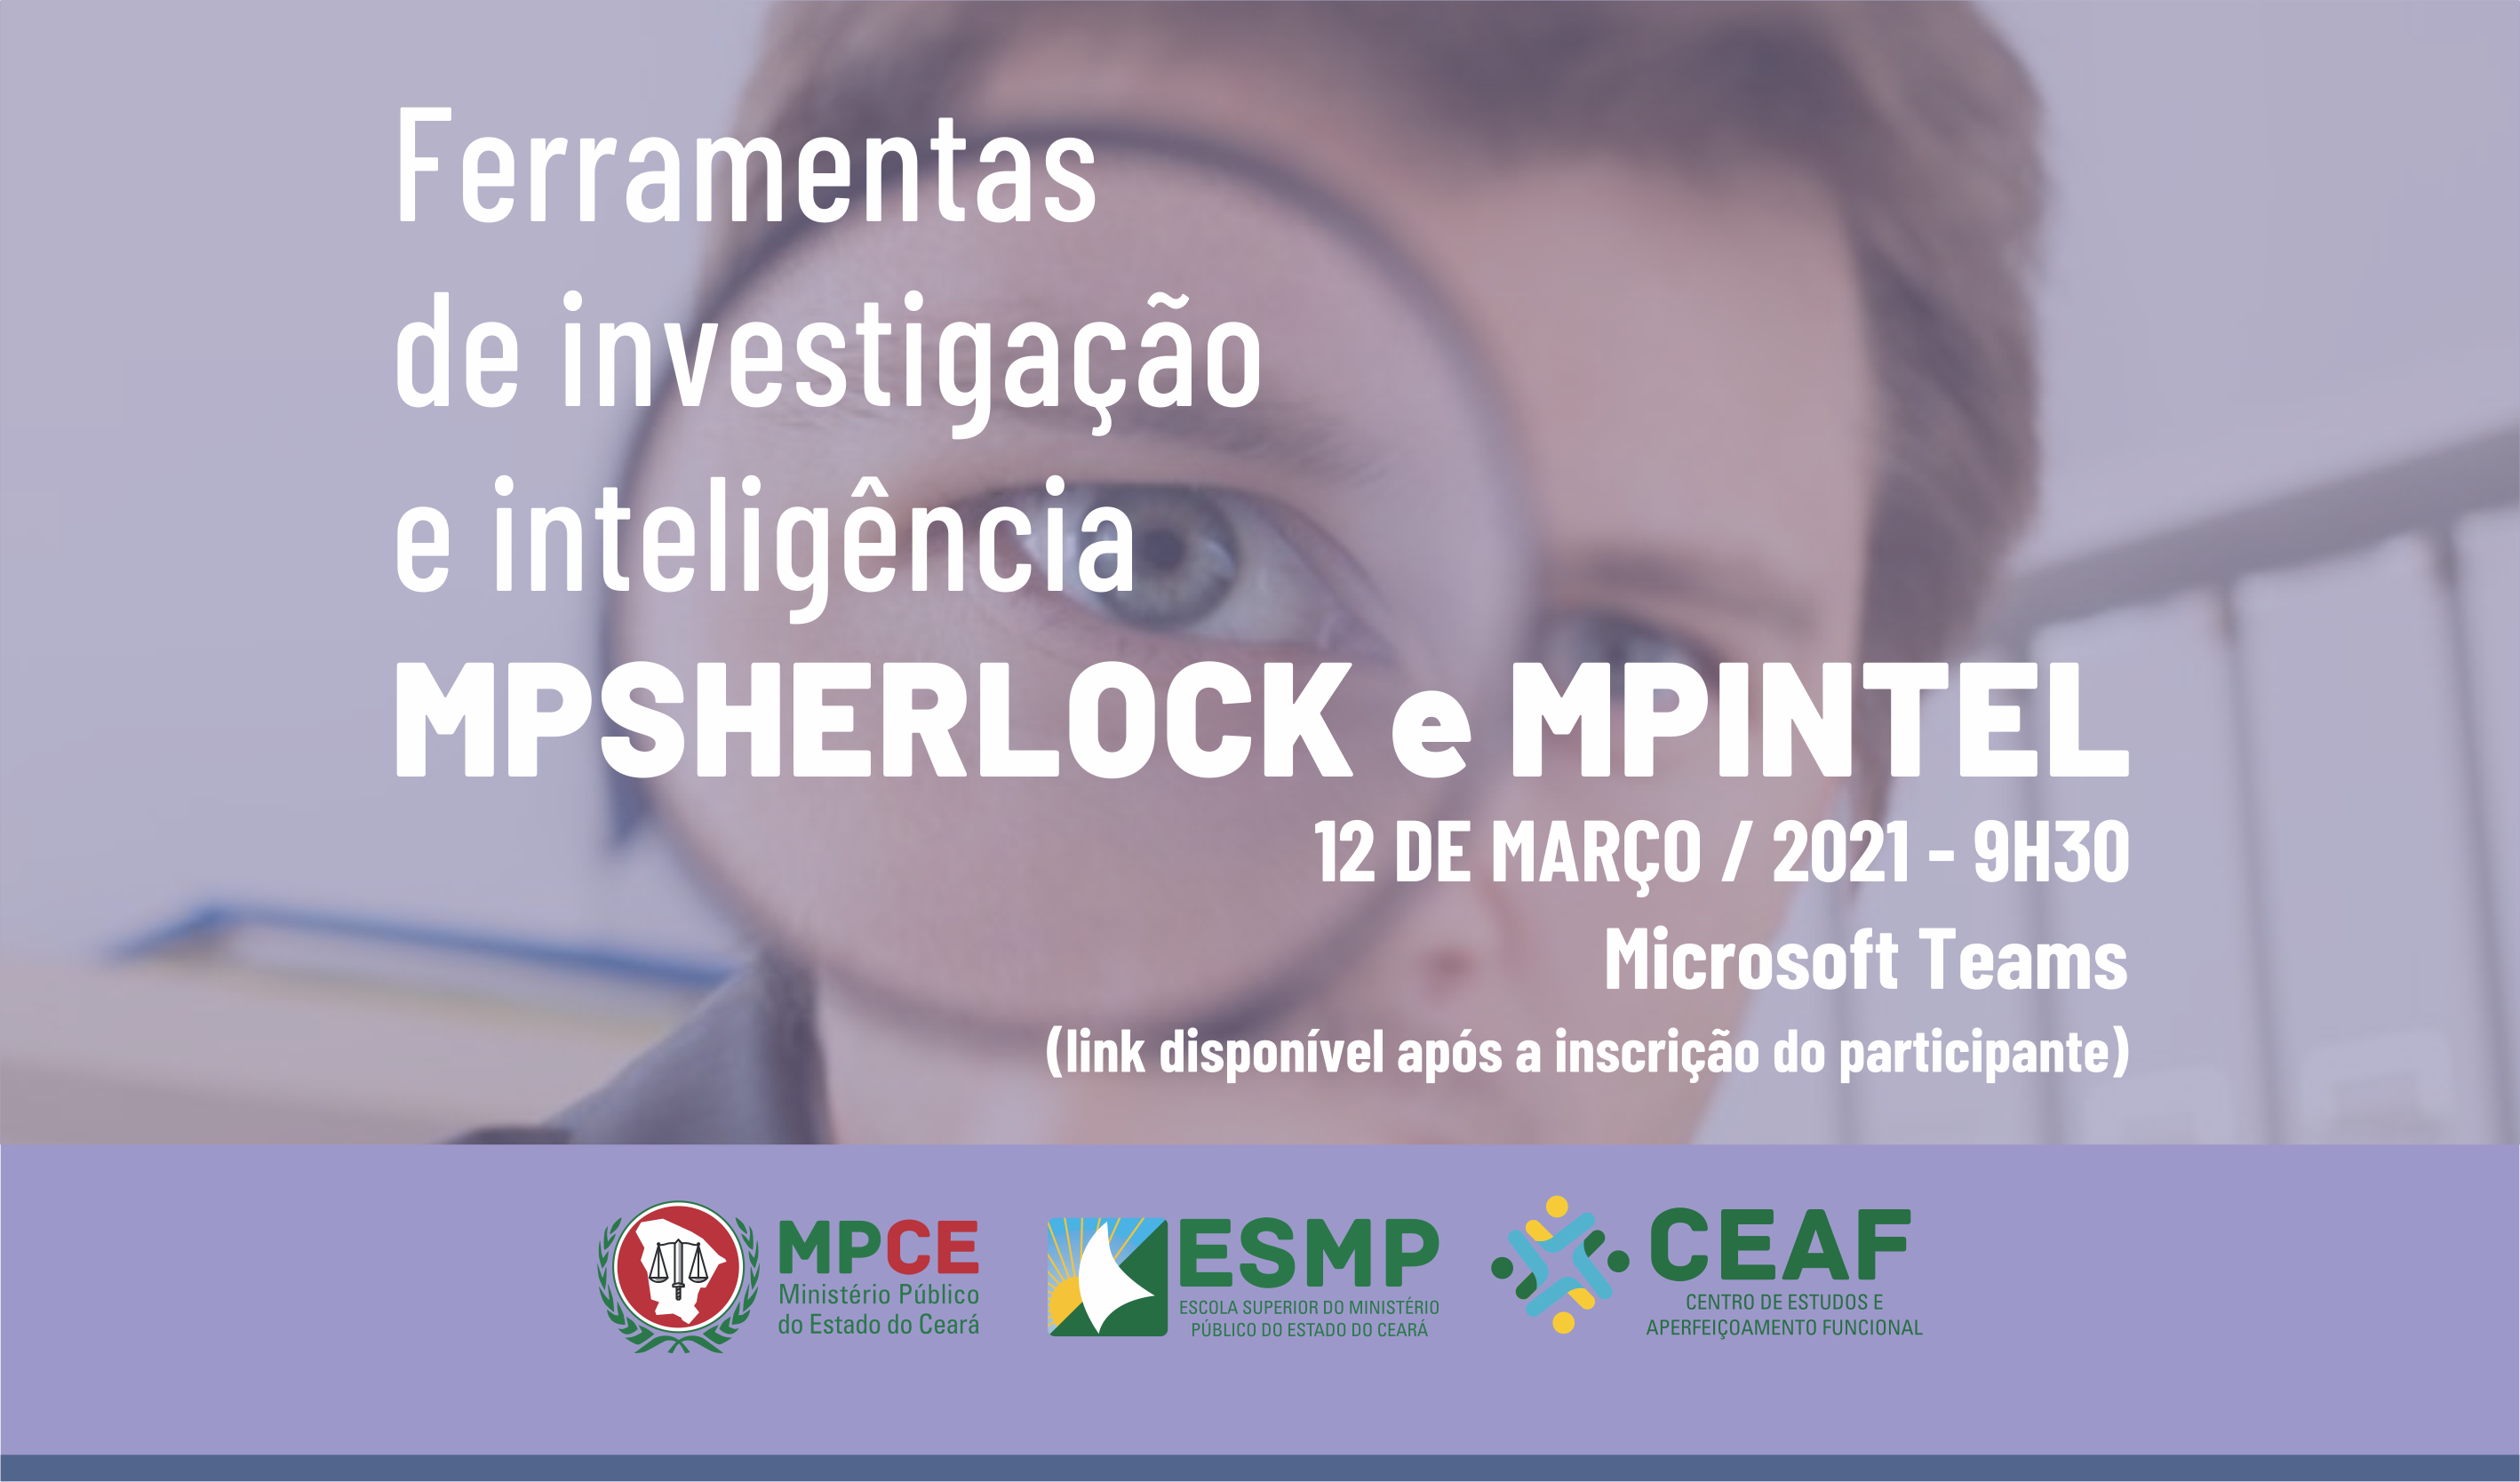 FERRAMENTAS DE INVESTIGAÇÃO E INTELIGÊNCIA - MPSHERLOCK E MPINTEL